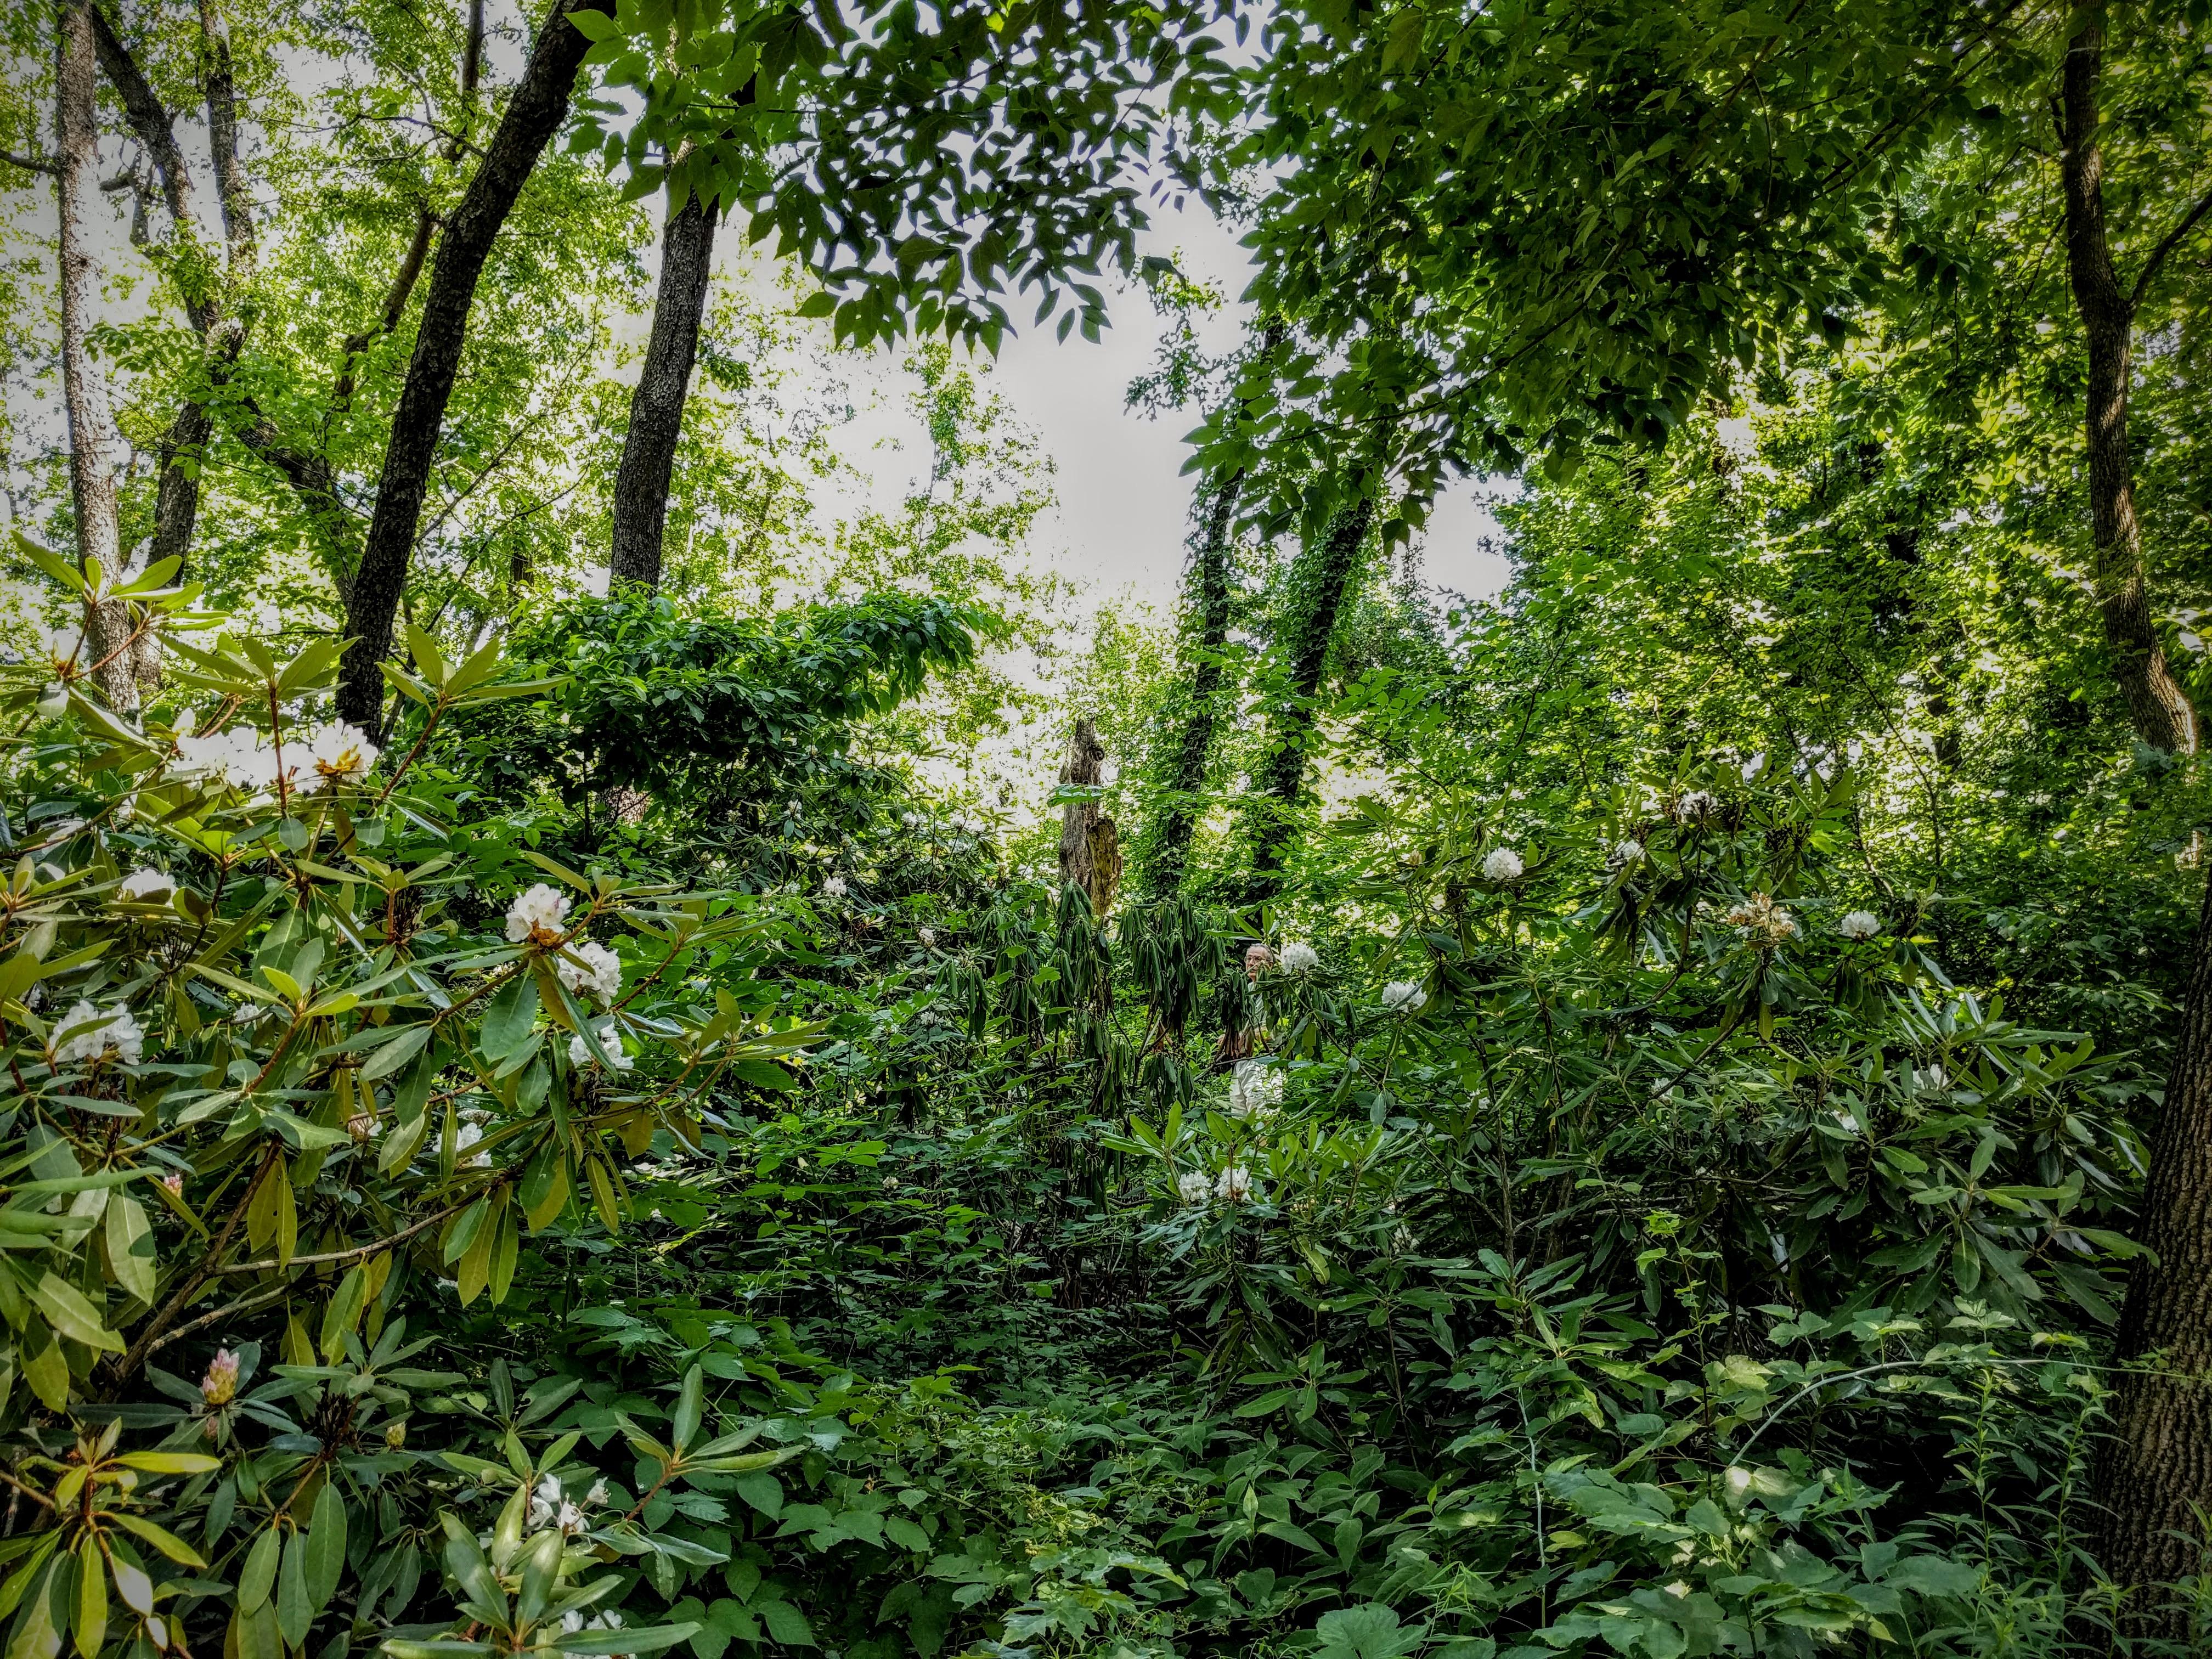 Hallett's Wild Woodland